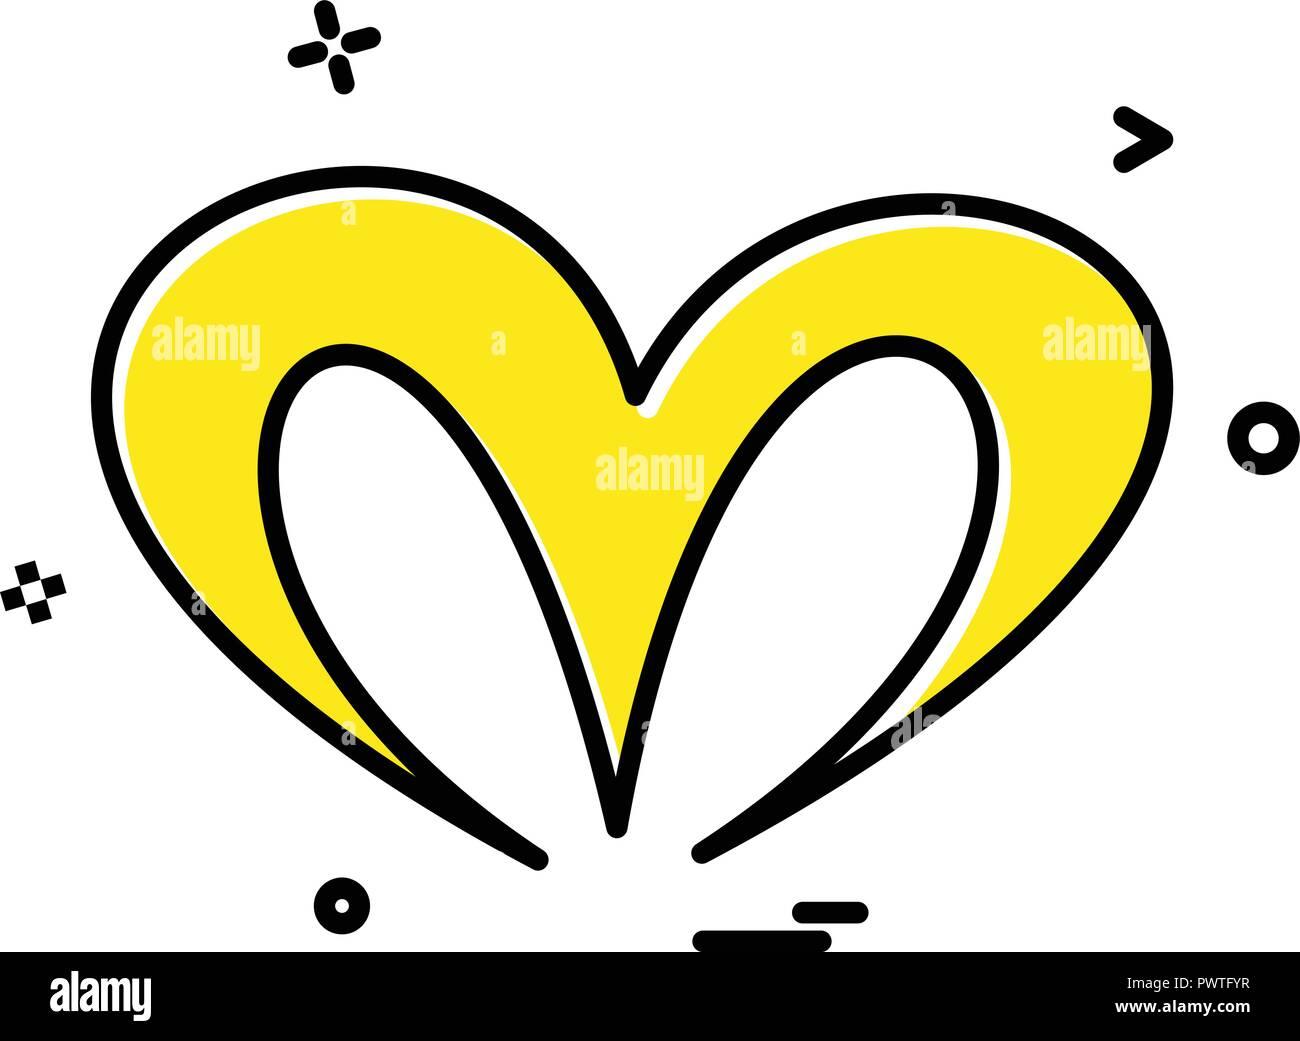 Christmas Heart Vector.Christmas Heart Icon Design Vector Stock Vector Art